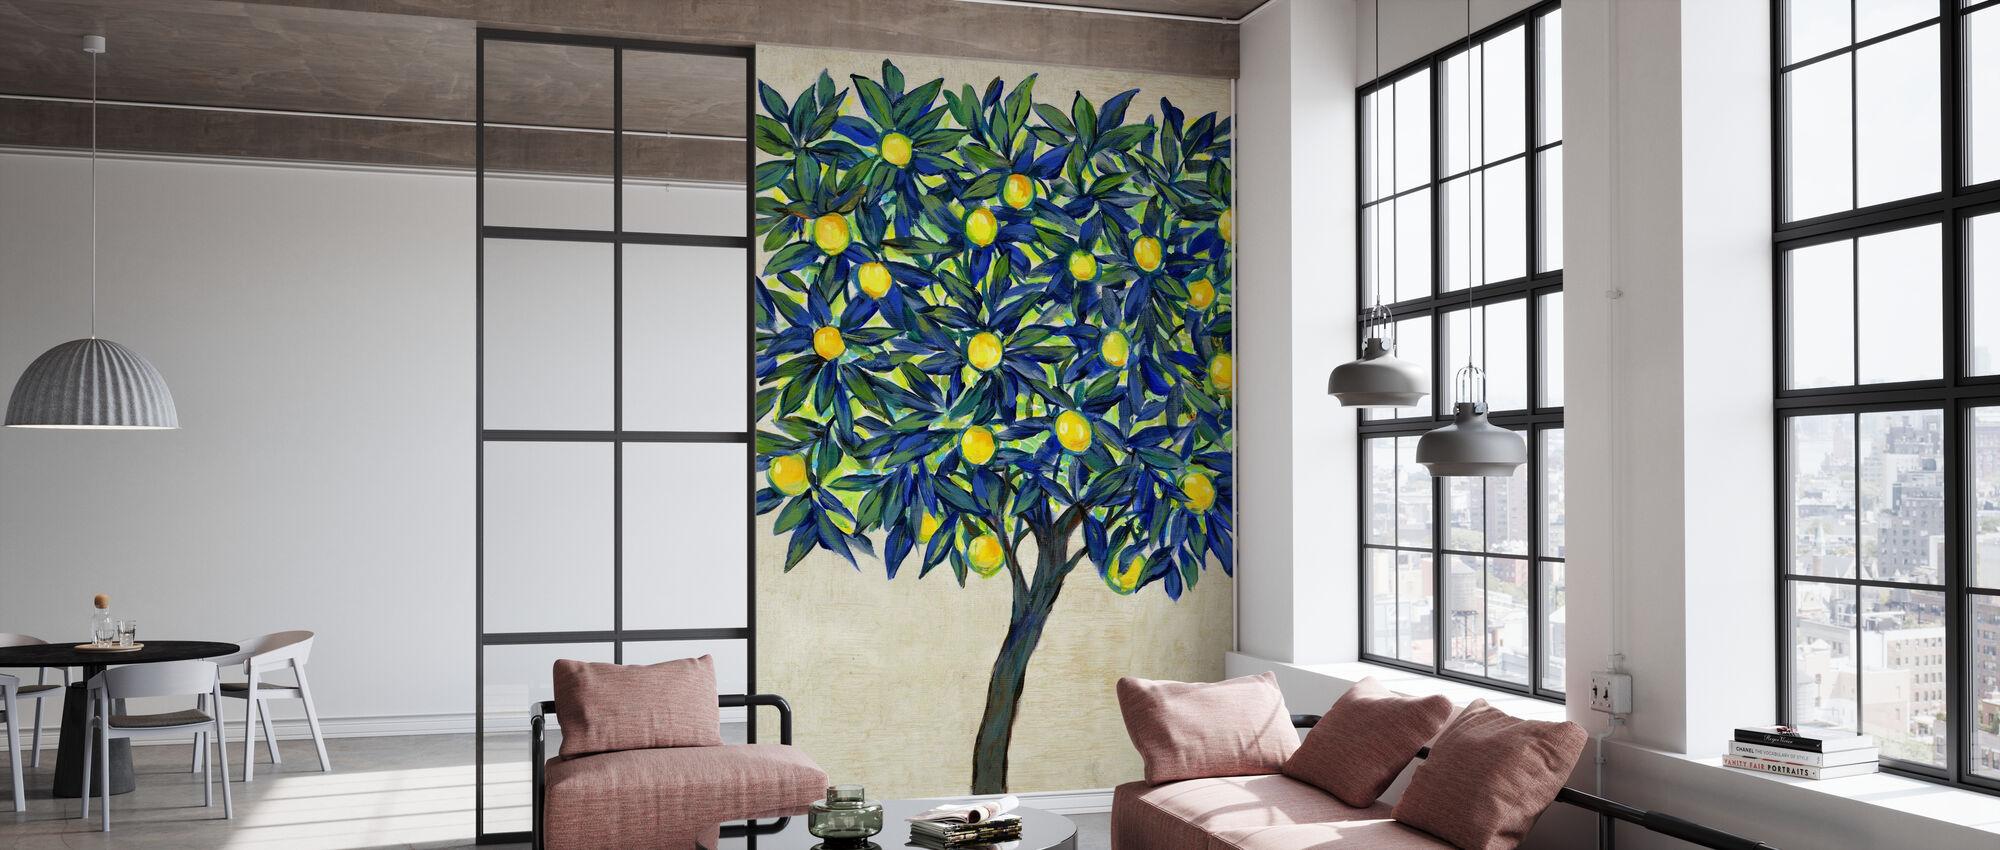 Zitronenbaum Zusammensetzung - Tapete - Büro